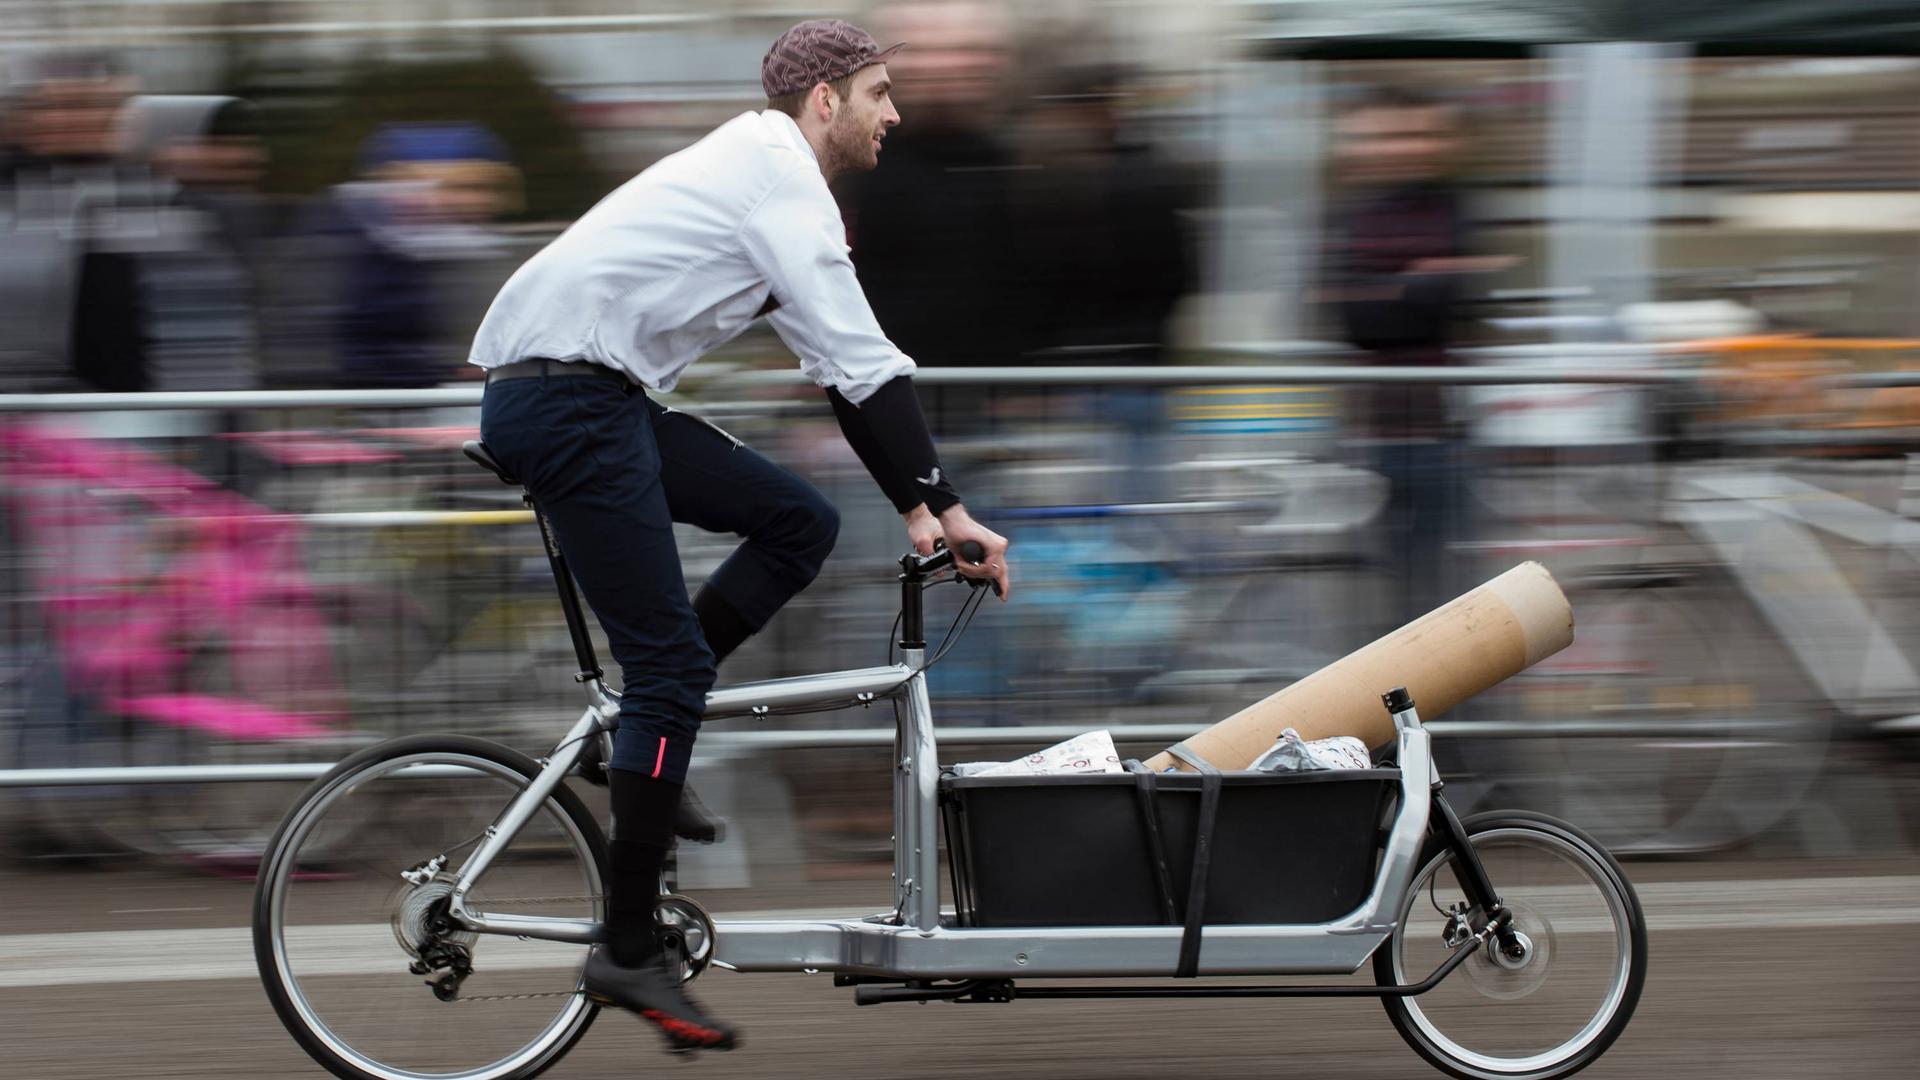 Per Lastenrad kommt in der Stadt auch sperrige Fracht schnell, leise und abgasfrei von A nach B. Das wollen verschiedene Akteure in Karlsruhe deutlich vorantreiben.